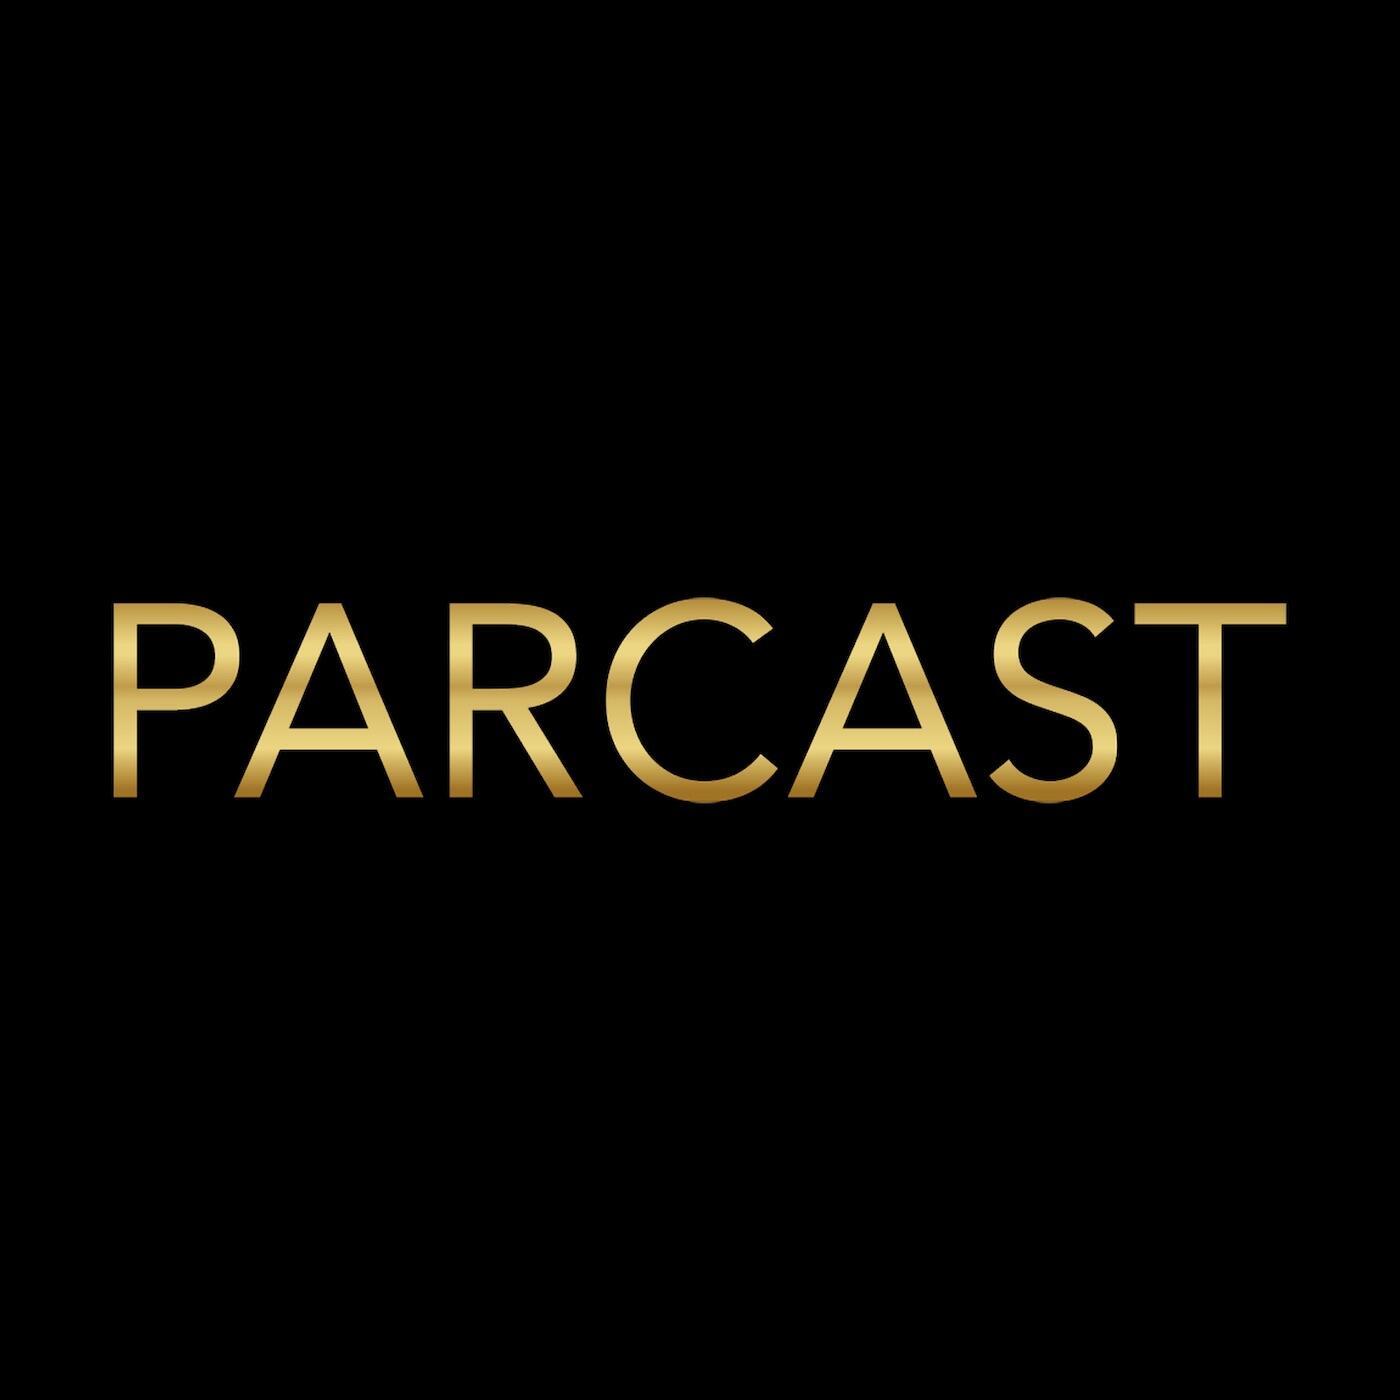 Parcast Network